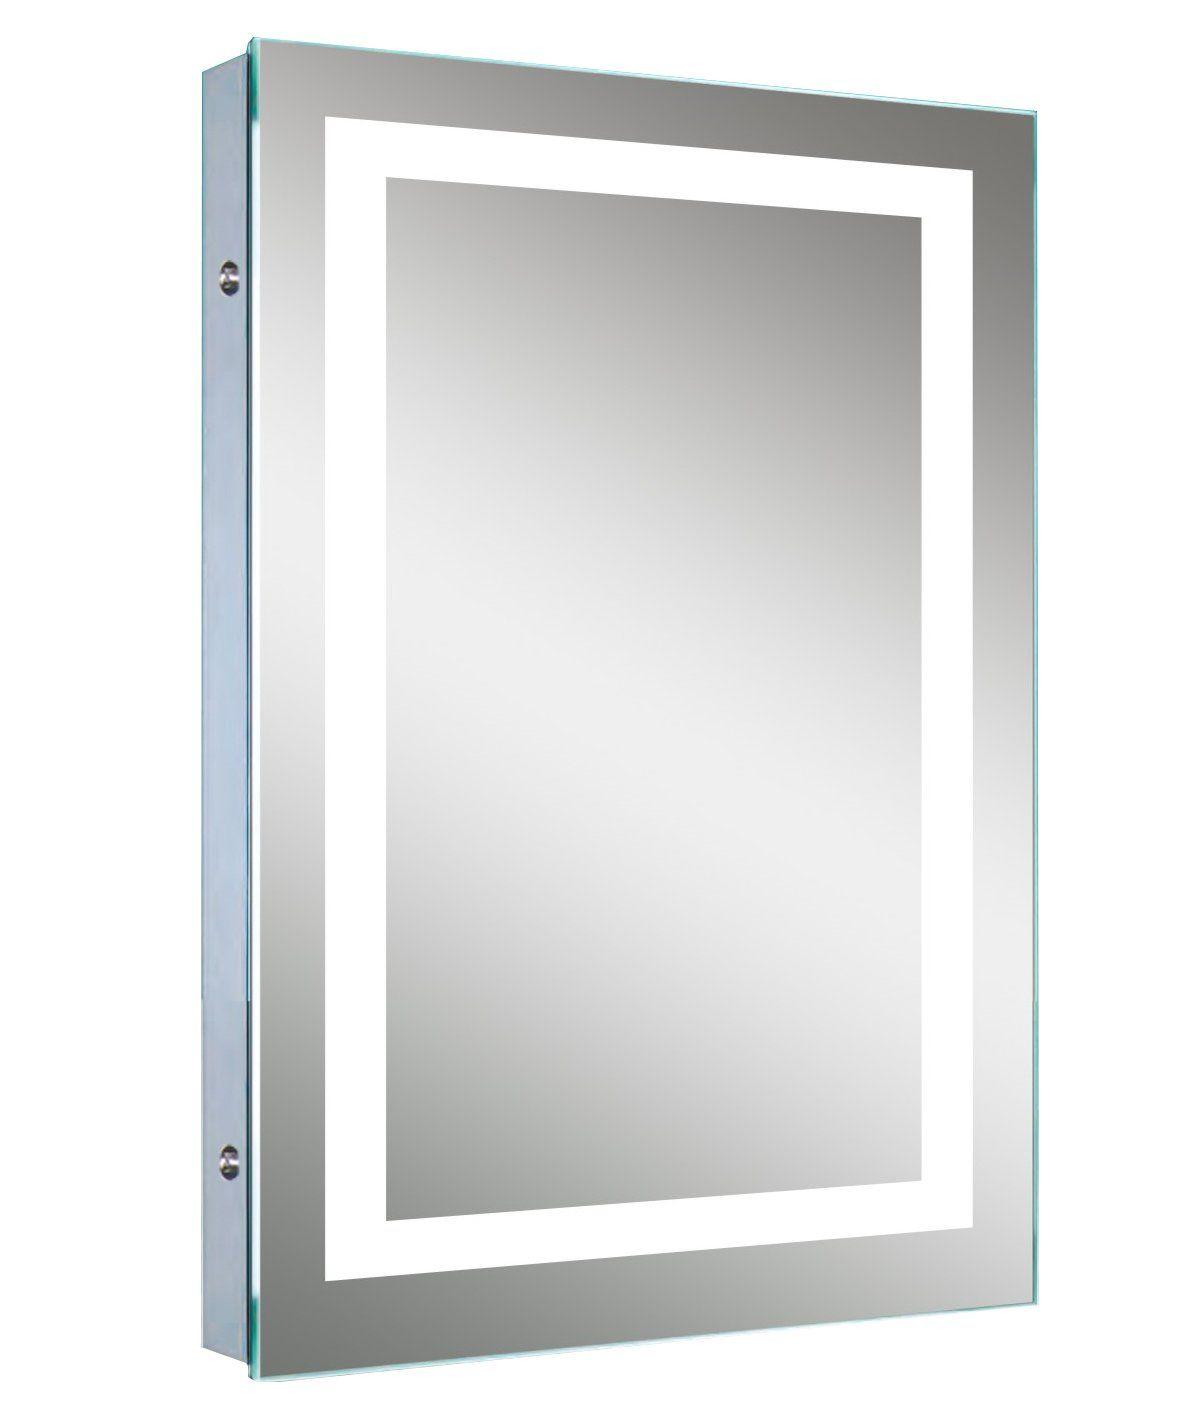 LED Backlit Mirror with Border | Home | Pinterest | Backlit mirror ...